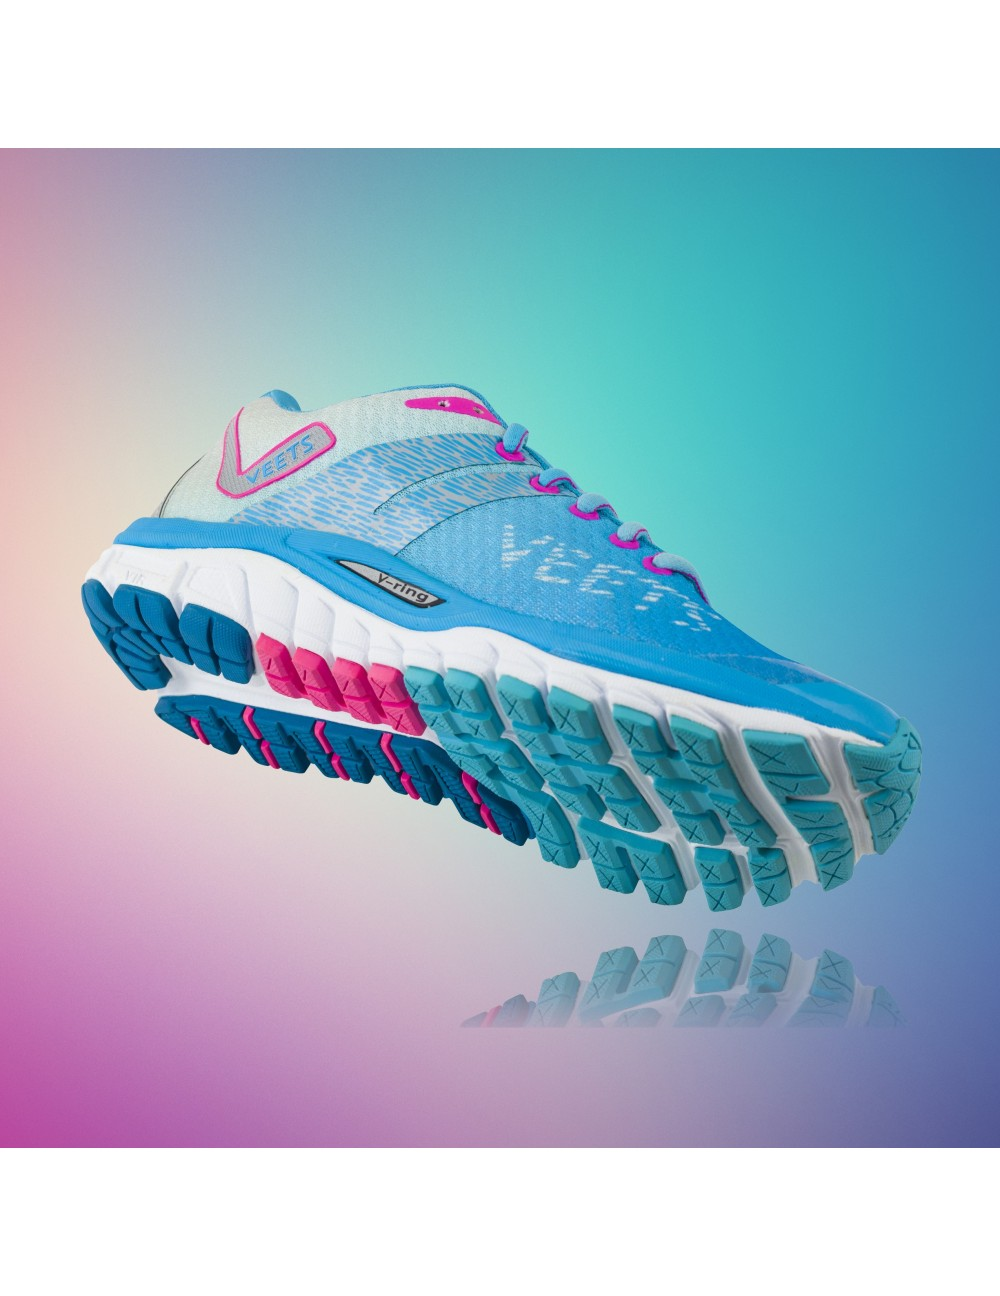 bas prix 4d53e 575b5 Chaussures Running VEETS Inside 2.0 pour femme Pointure 38